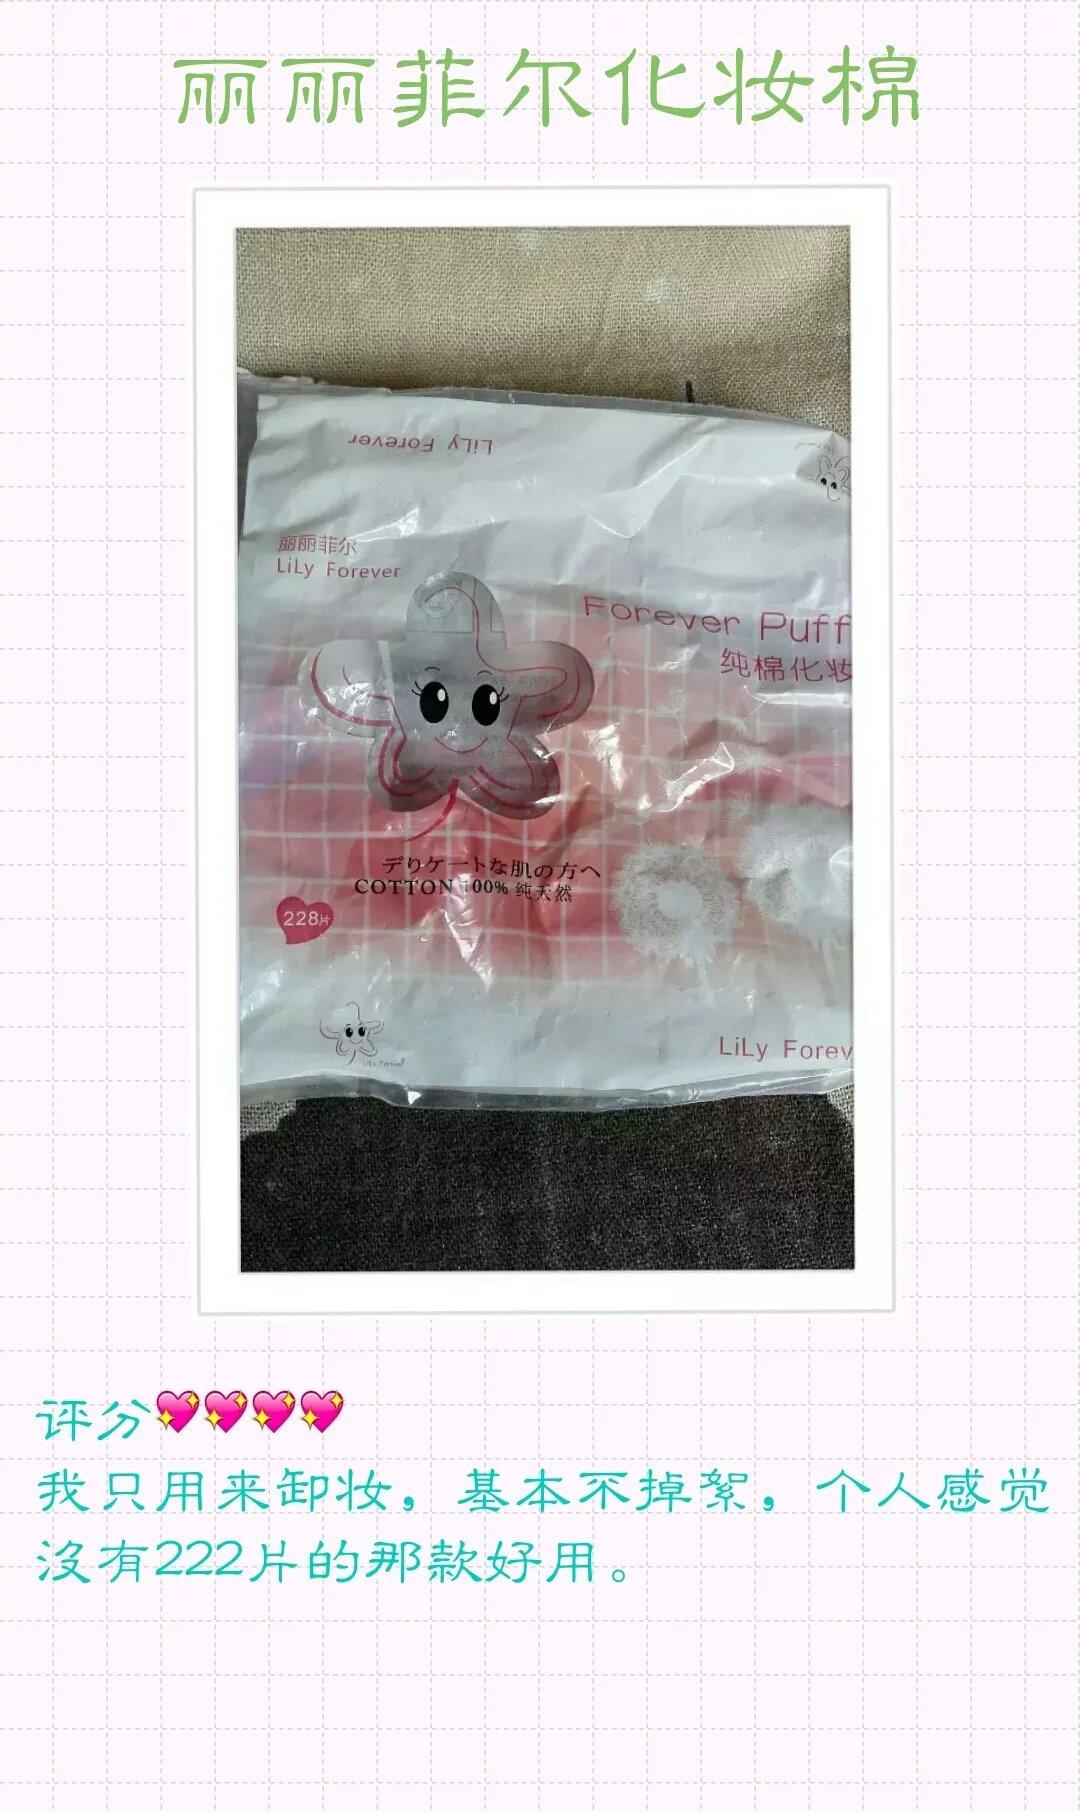 丽丽菲尔化妆棉.jpg